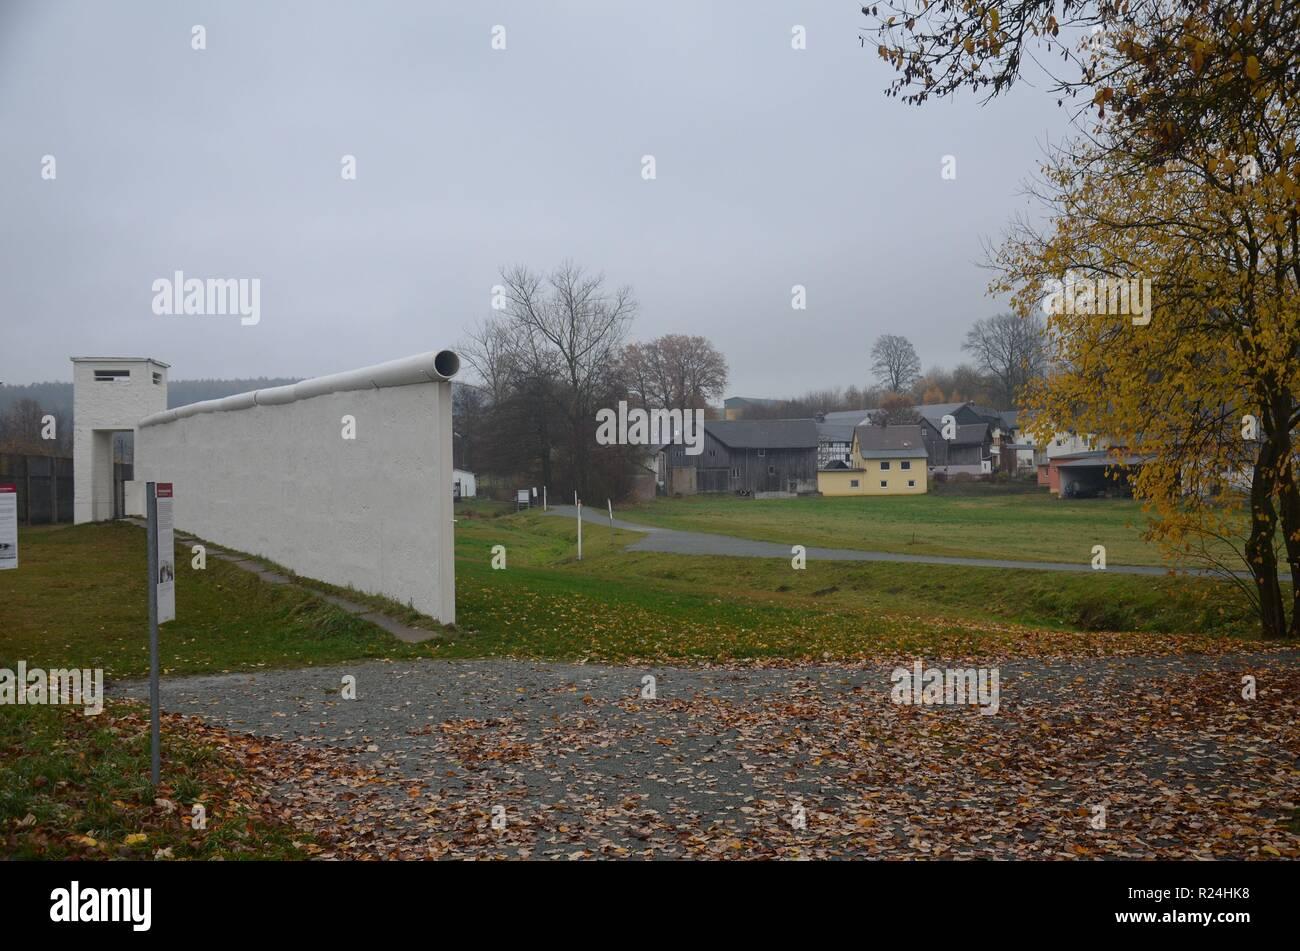 Mödlareuth, ein Dorf in Bayern und Thüringen, bis 1989 verlief die Grenze zwischen der BRD und der DDR hier. Gedenkstätte, Museum. - Stock Image